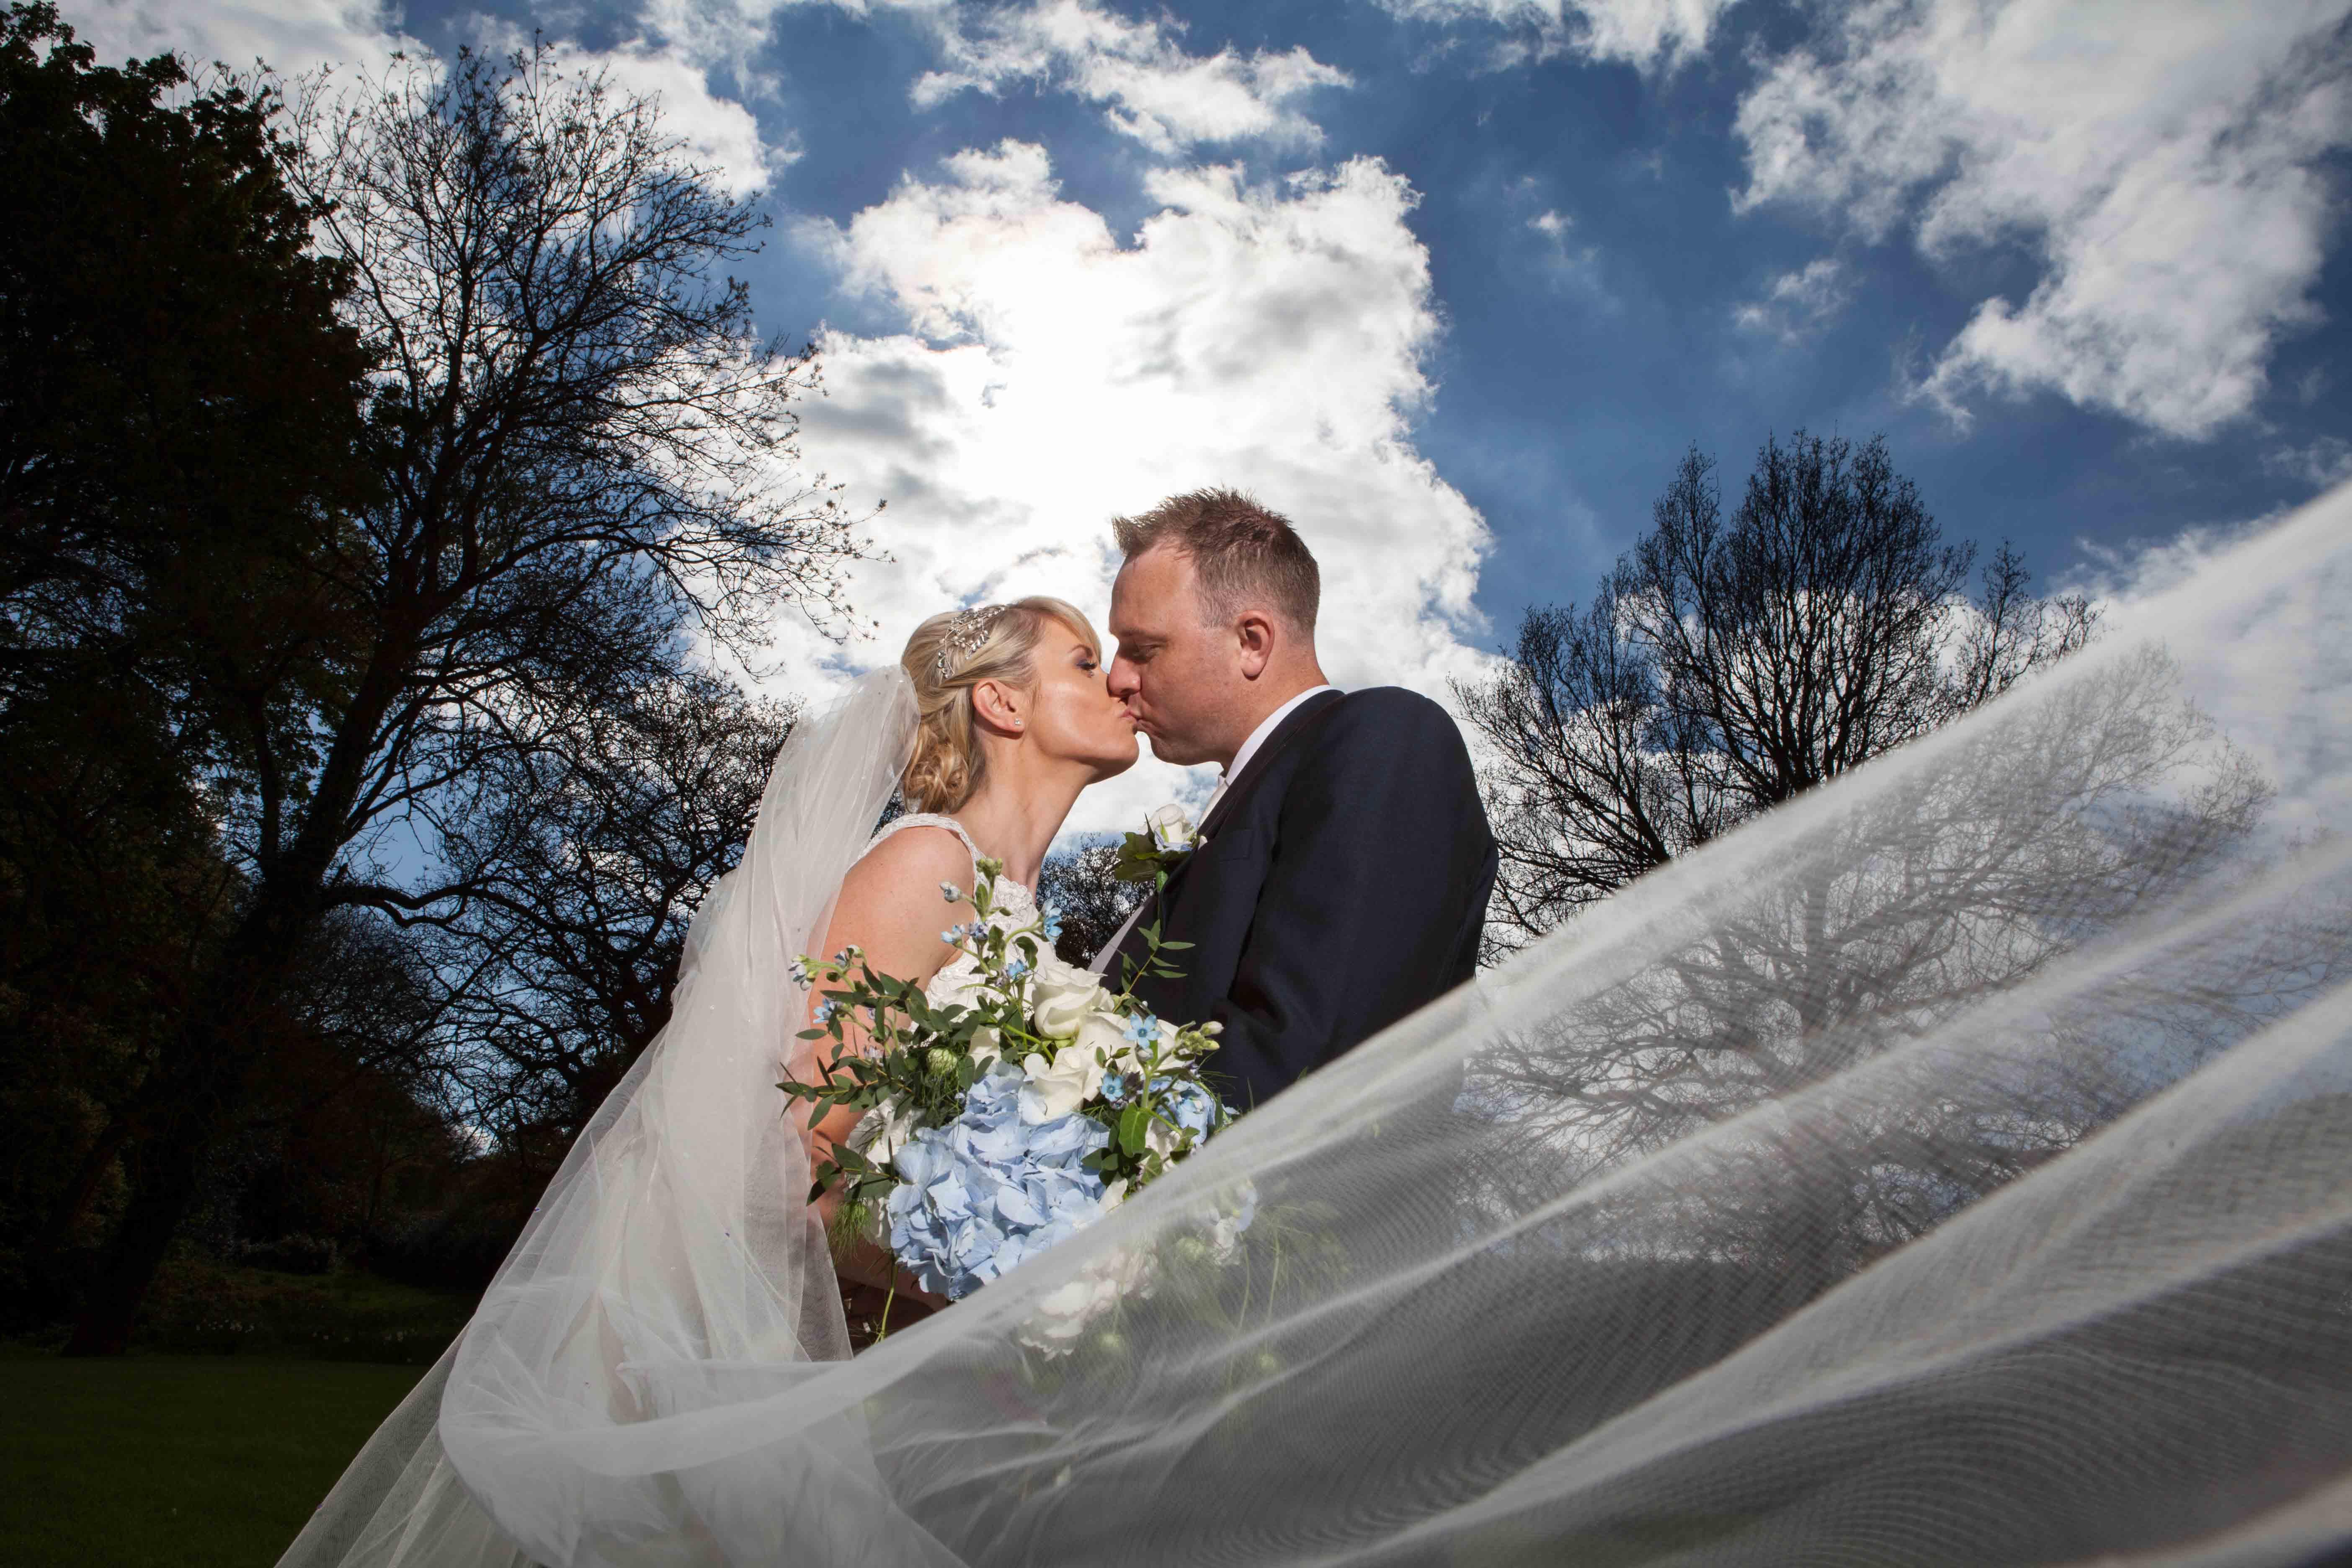 Whitley Hall Wedding Photography